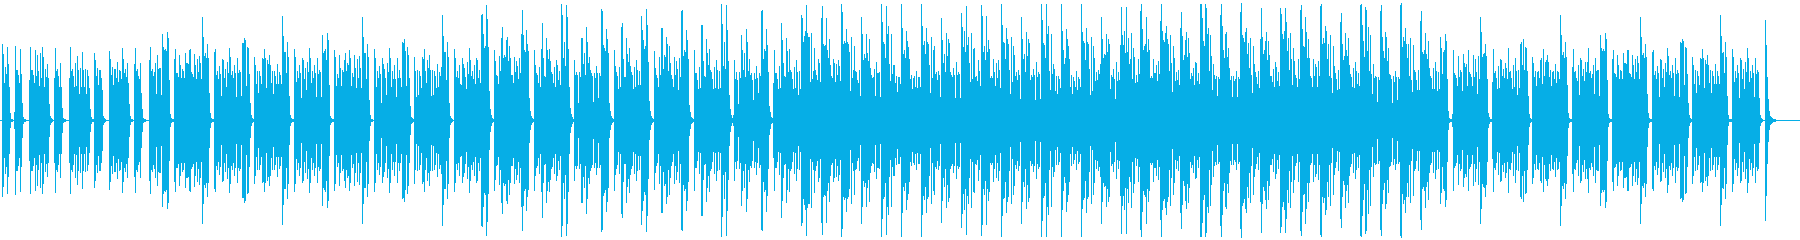 シンプル・ミニマル・清潔感・かわいいの再生済みの波形